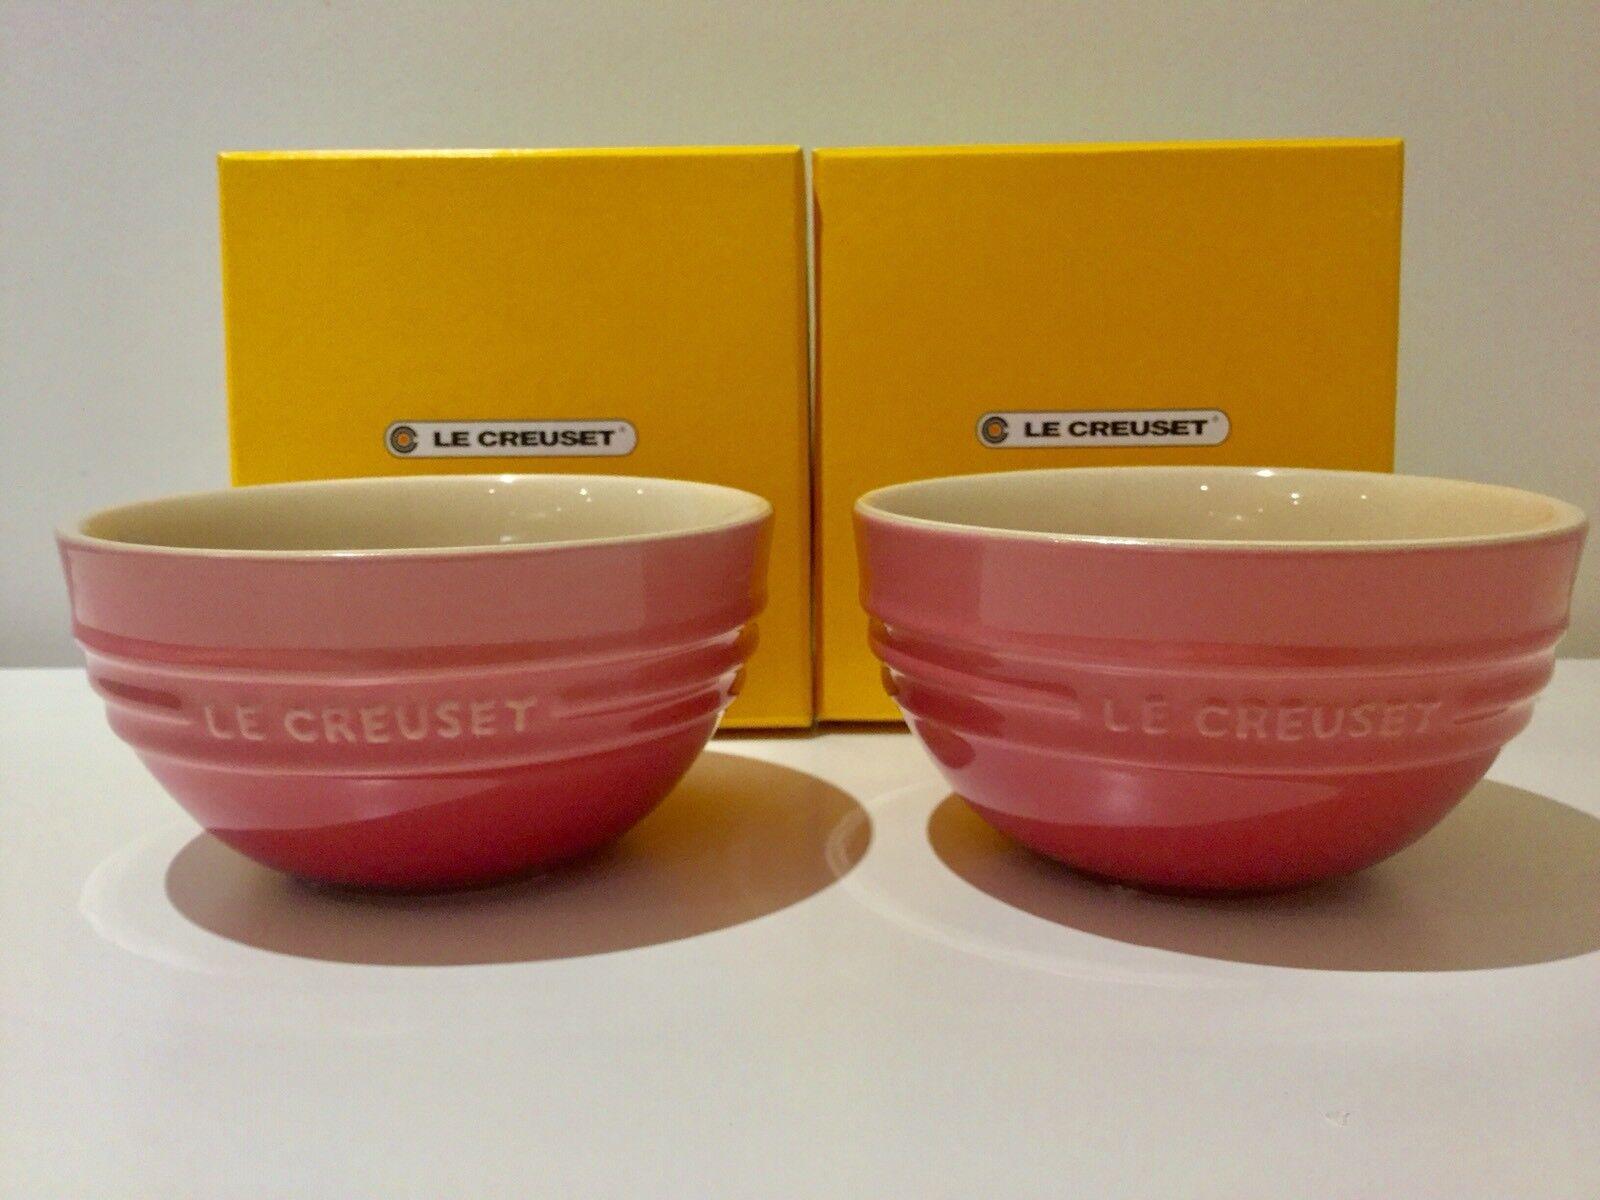 molto popolare NUOVO in scatola JAPAN EDITION EDITION EDITION Le Creuset ciotola di riso Set di 2 Quarzo rosa  offerta speciale